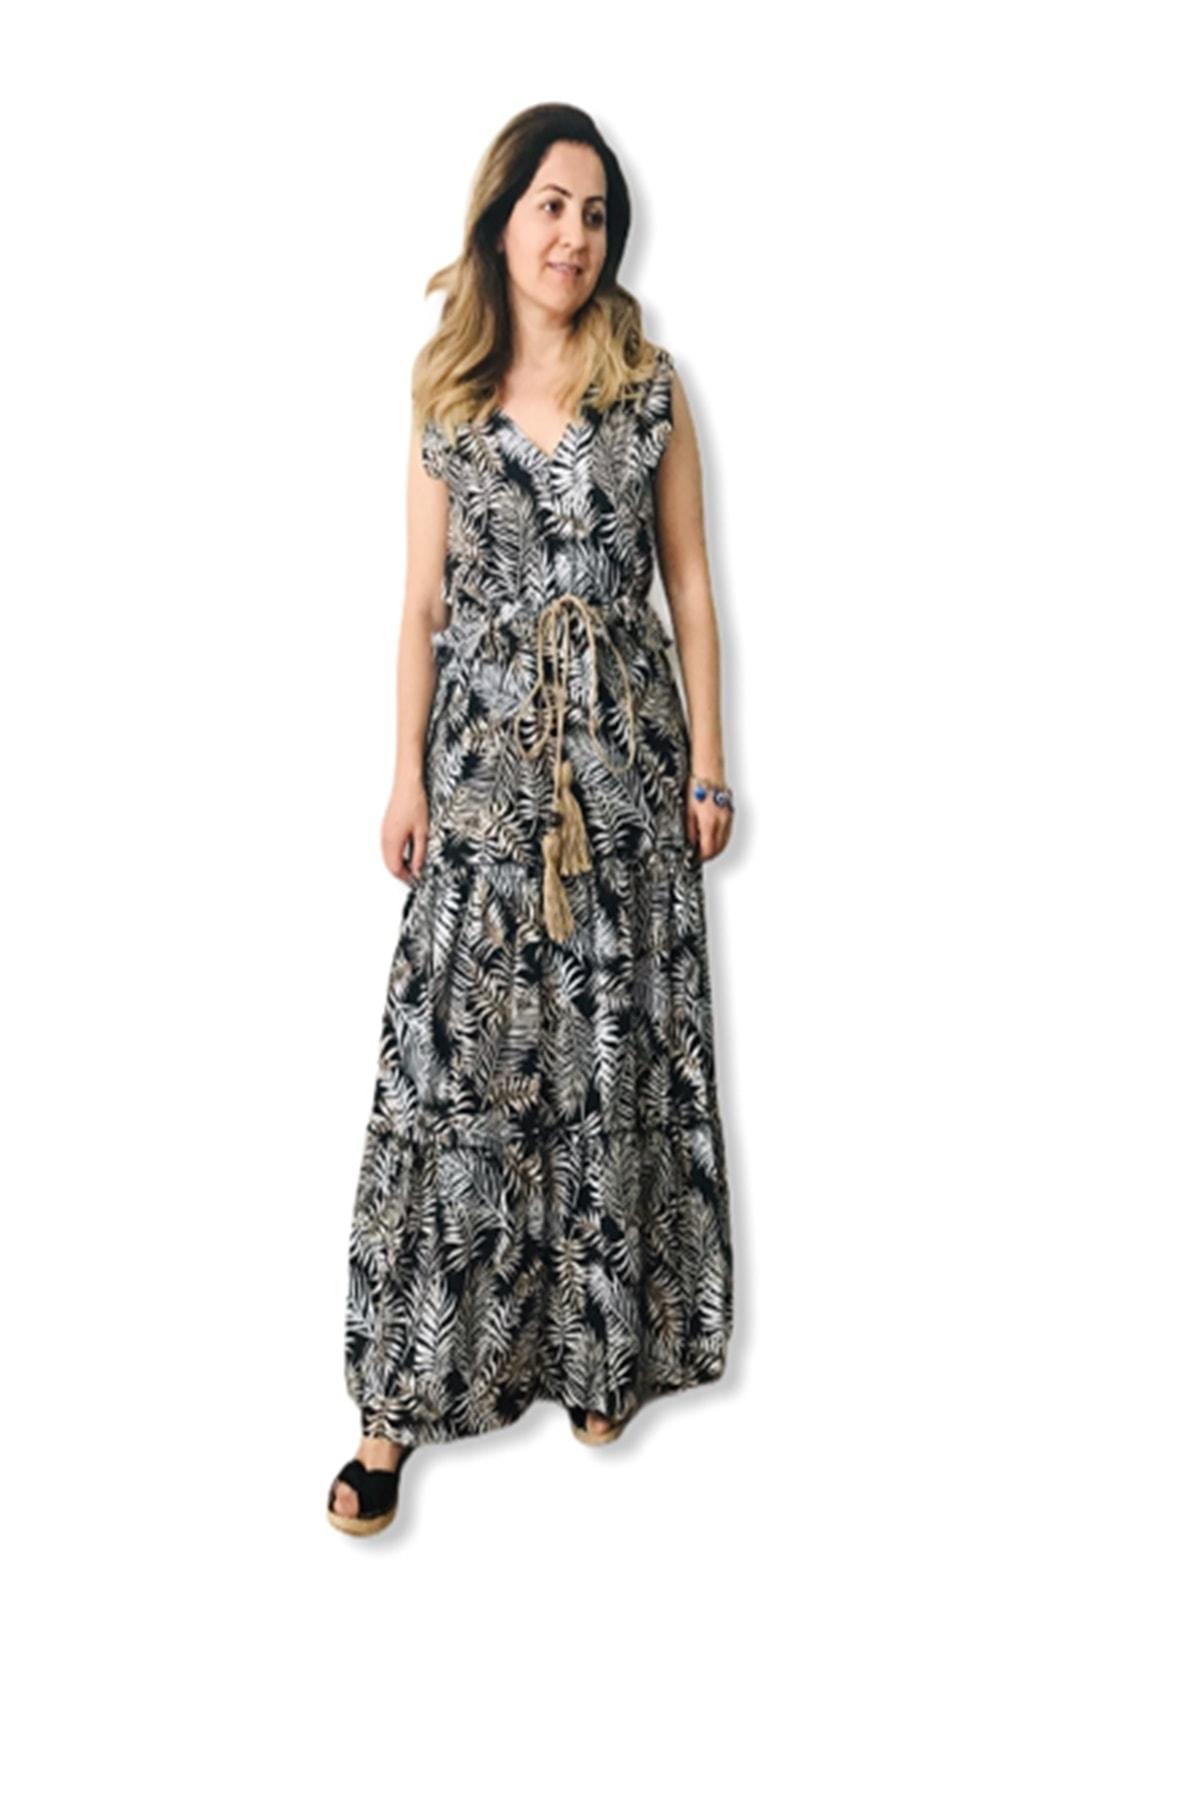 asudincer boutique Kadın Siyah Yaprak Desenli Kendinden Kemerli Elbise 1